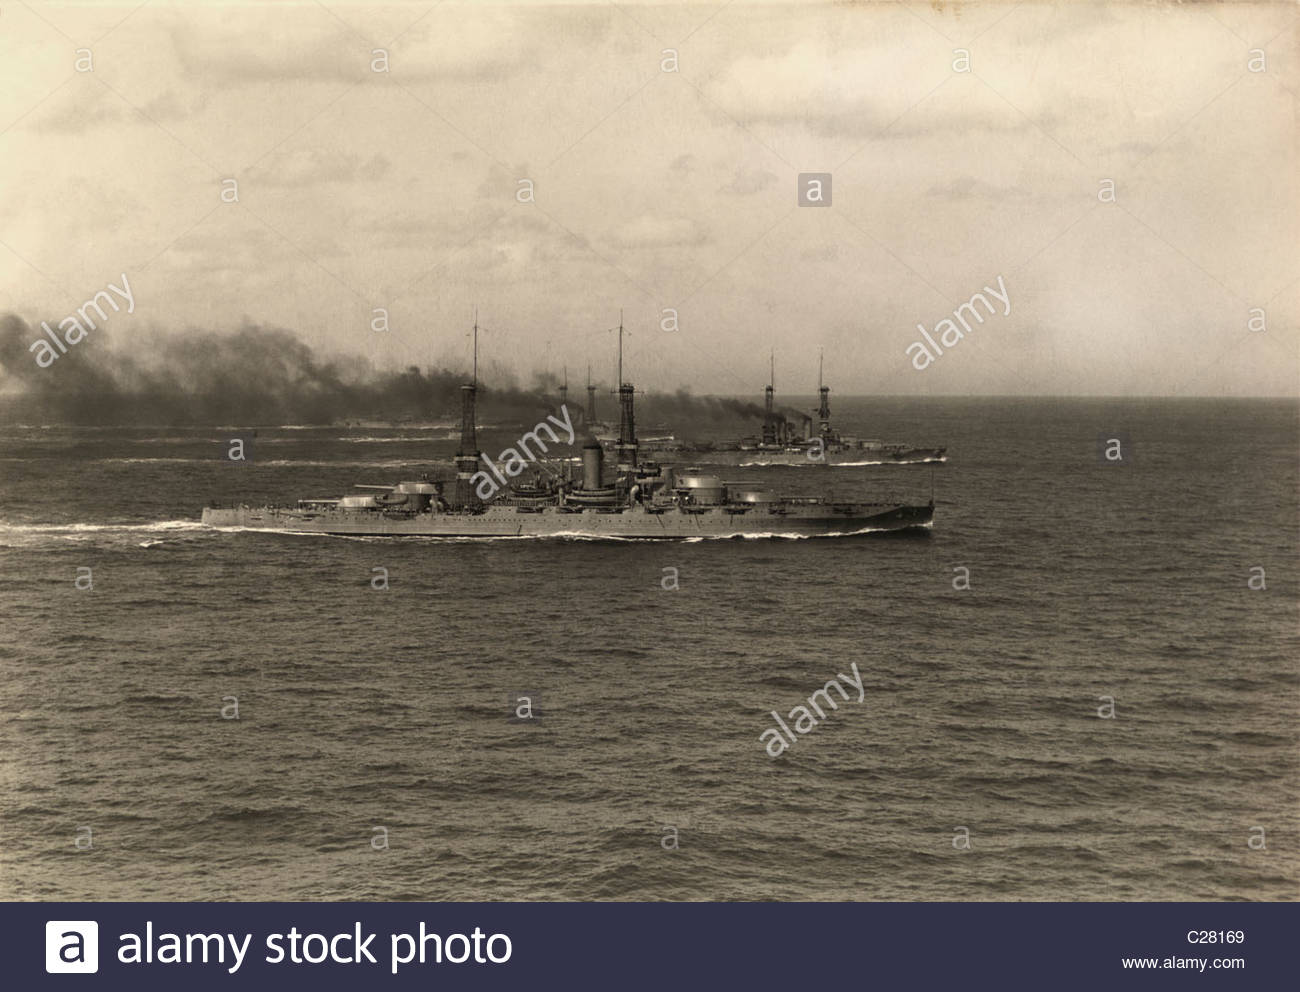 A fleet of United States Navy battleships practice maneuvers. - Stock Image